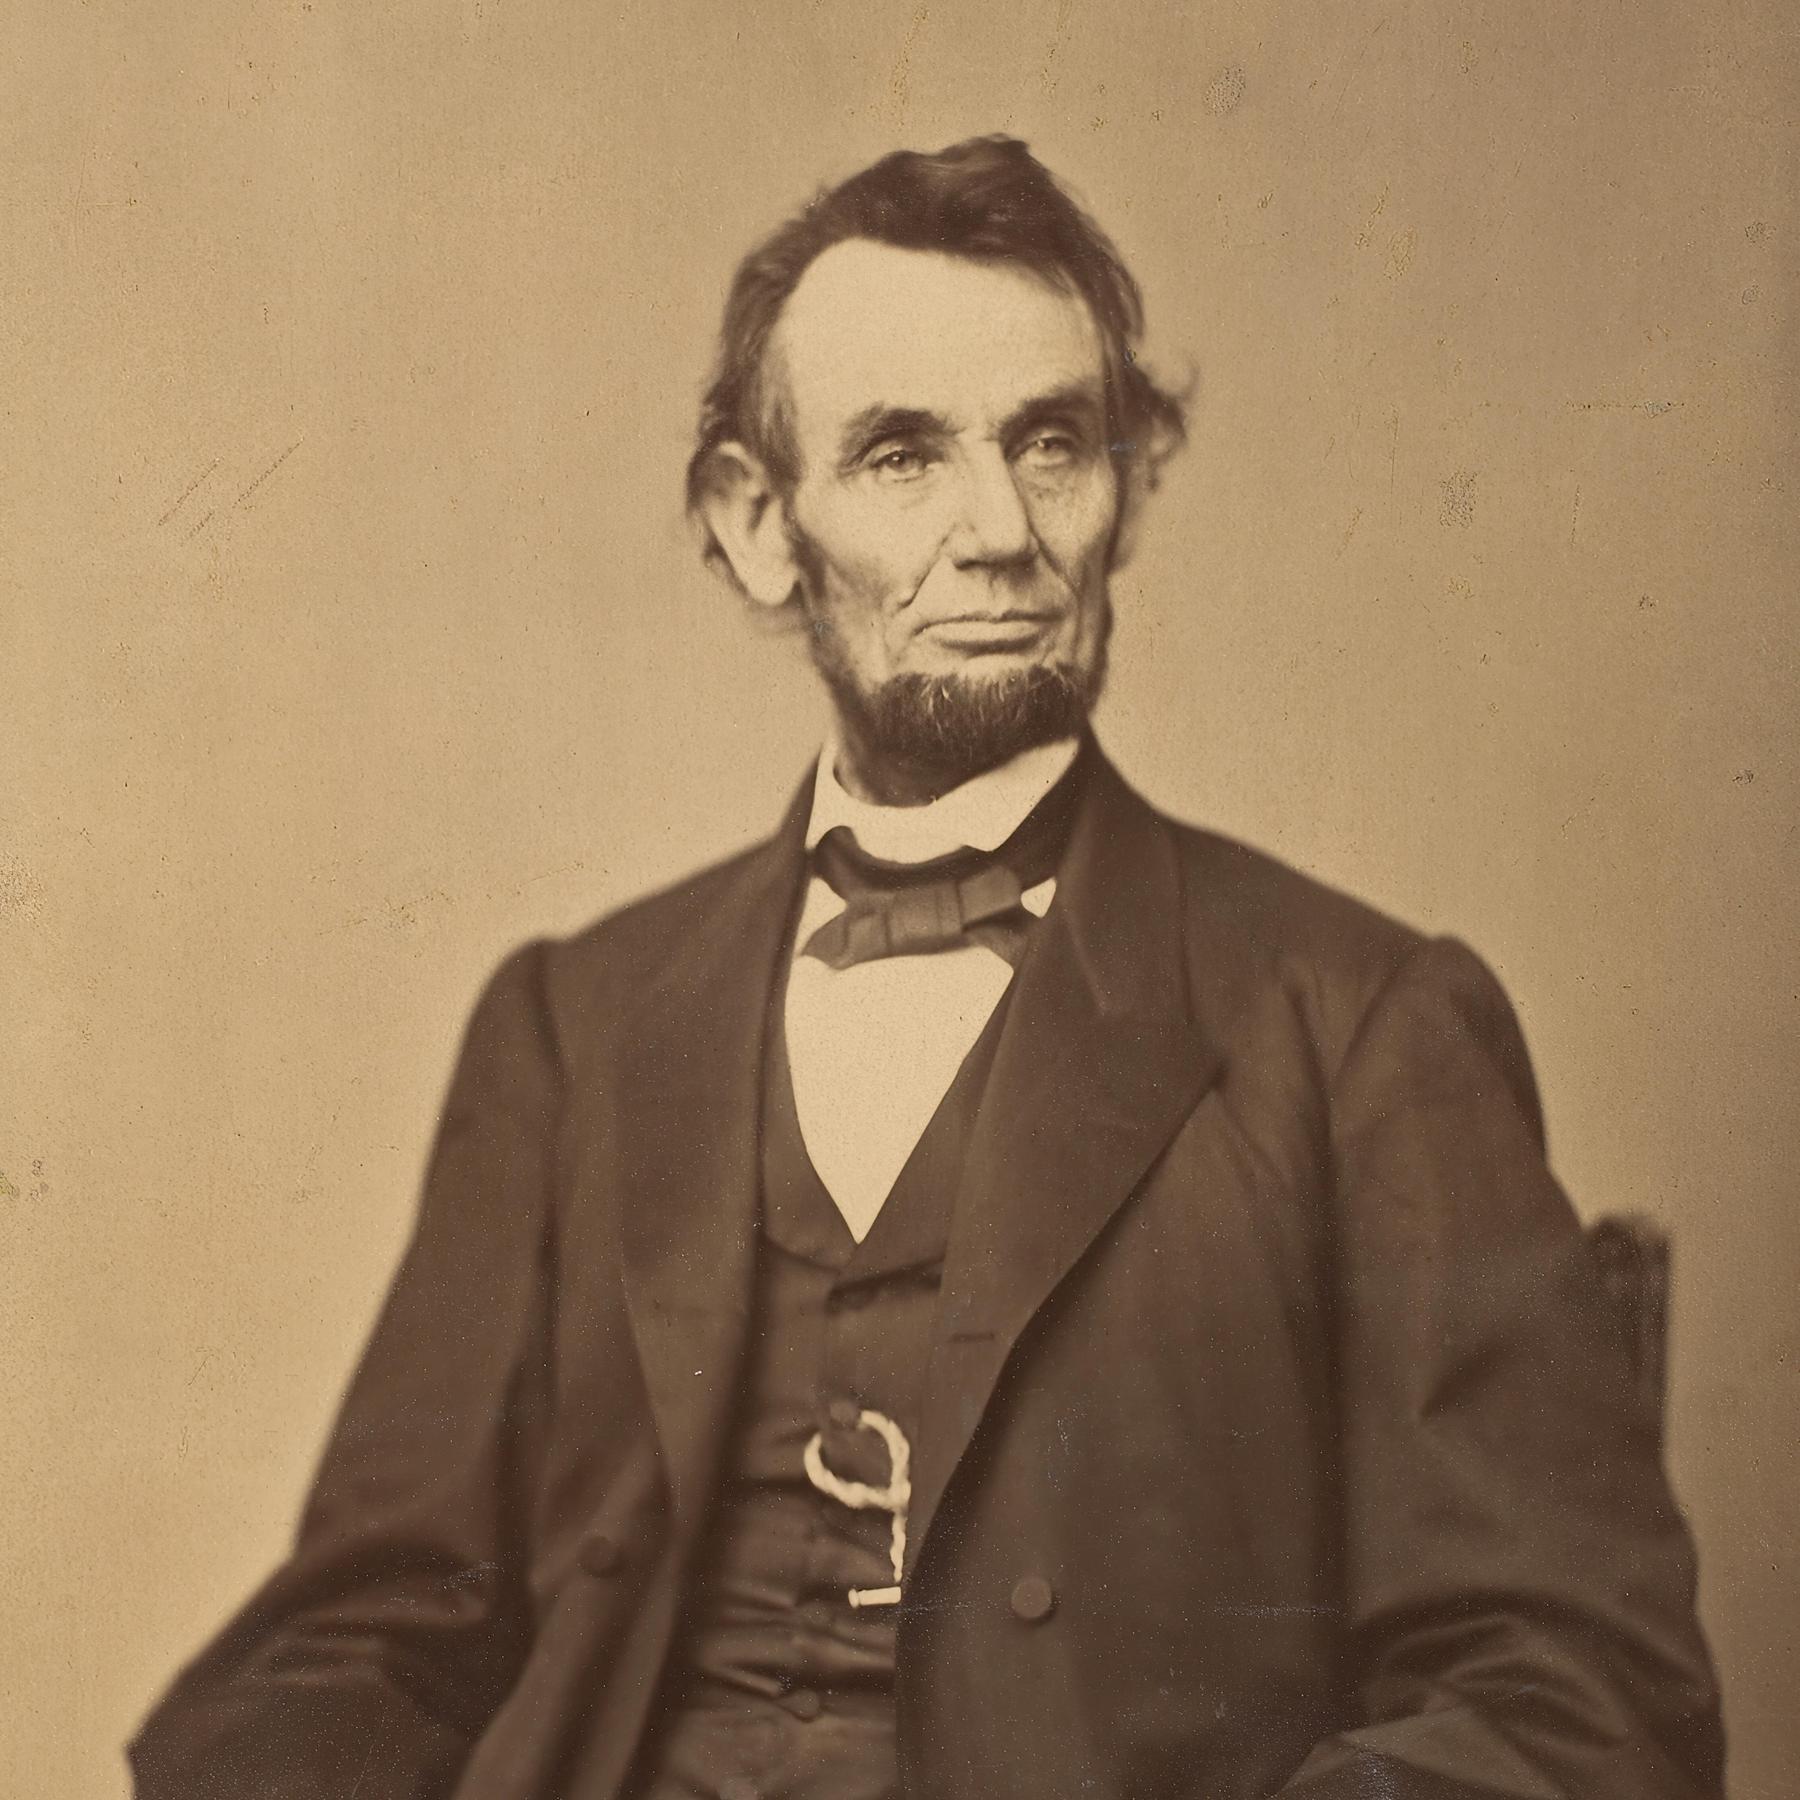 Abraham Lincoln - Albtraum Bürgerkrieg und Traum von Freiheit